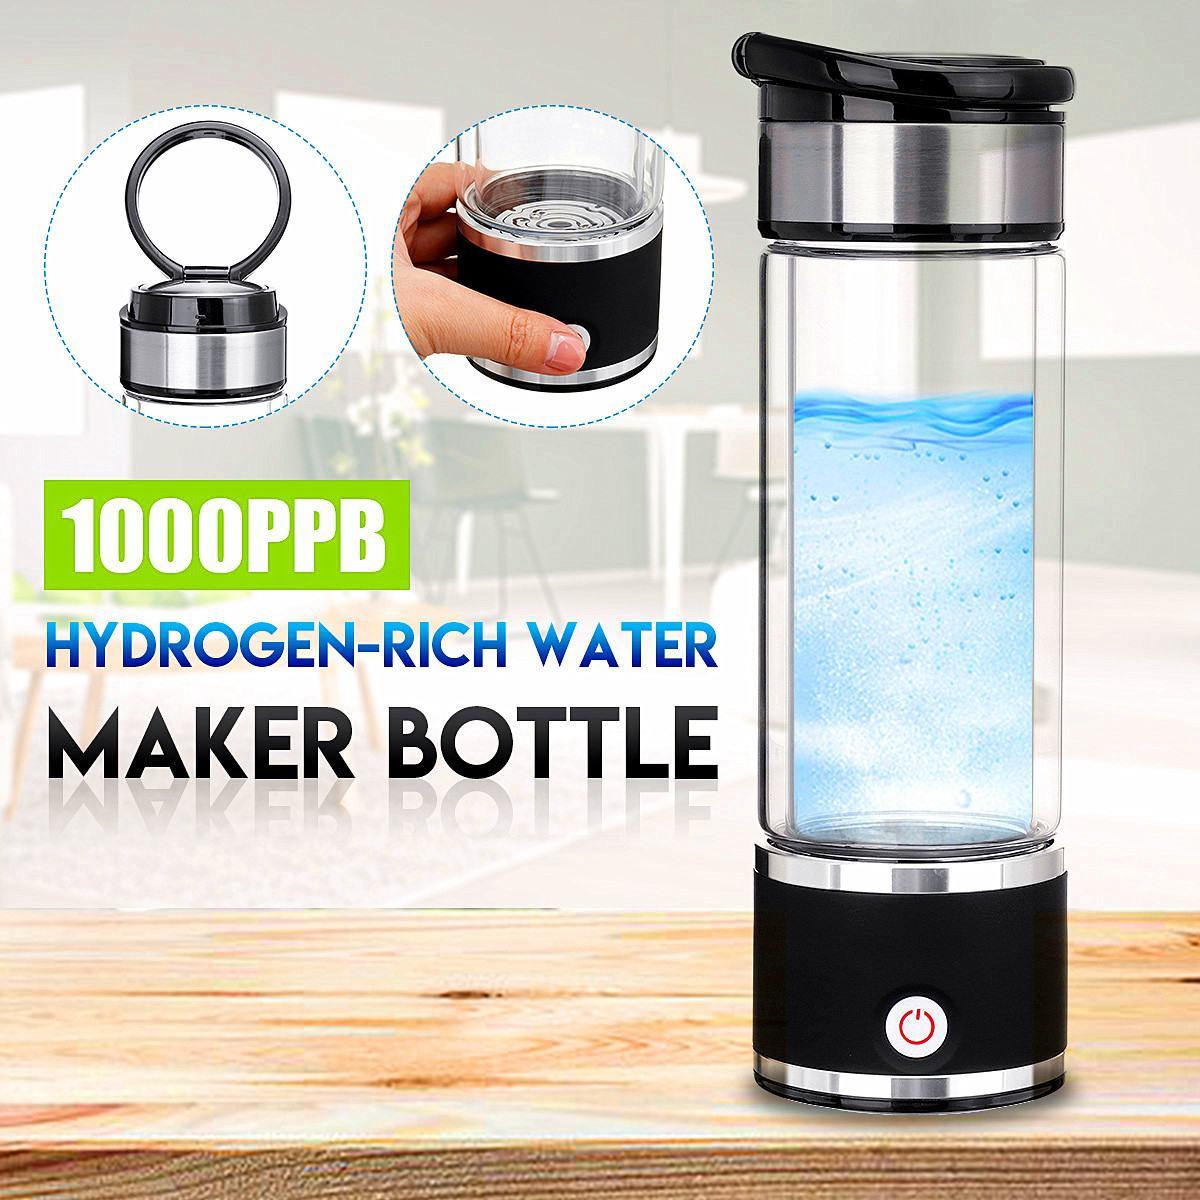 Newest 350ML Healthy Hydrogen-Rich Water Bottle Generator Household USB Rechargeable Hydrogen-Rich Super Antioxidants Lonizer